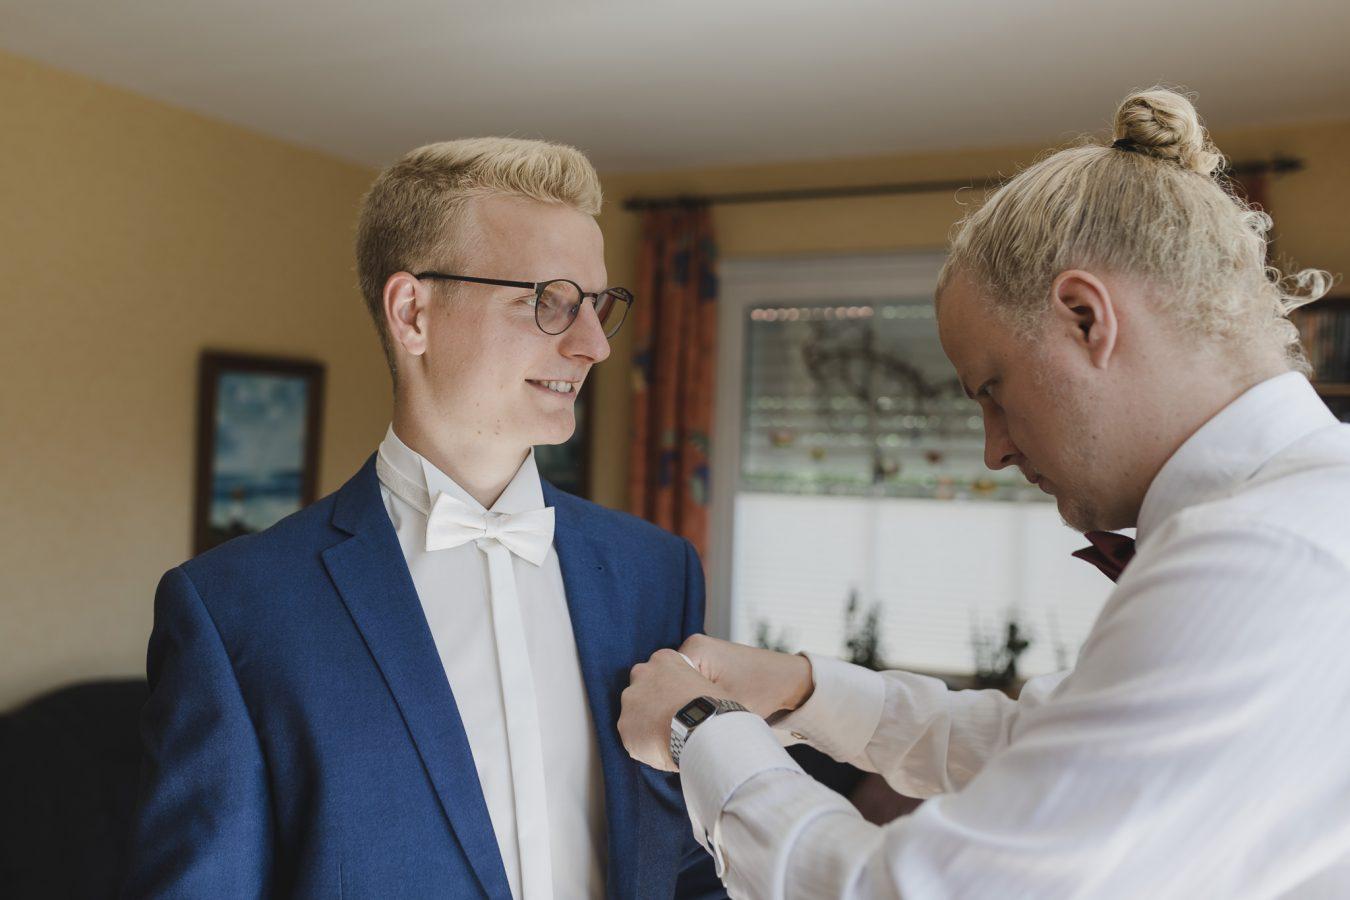 Getting Ready: der Trauzeuge steckt dem Bräutigam das Einstecktuch ins Jacket